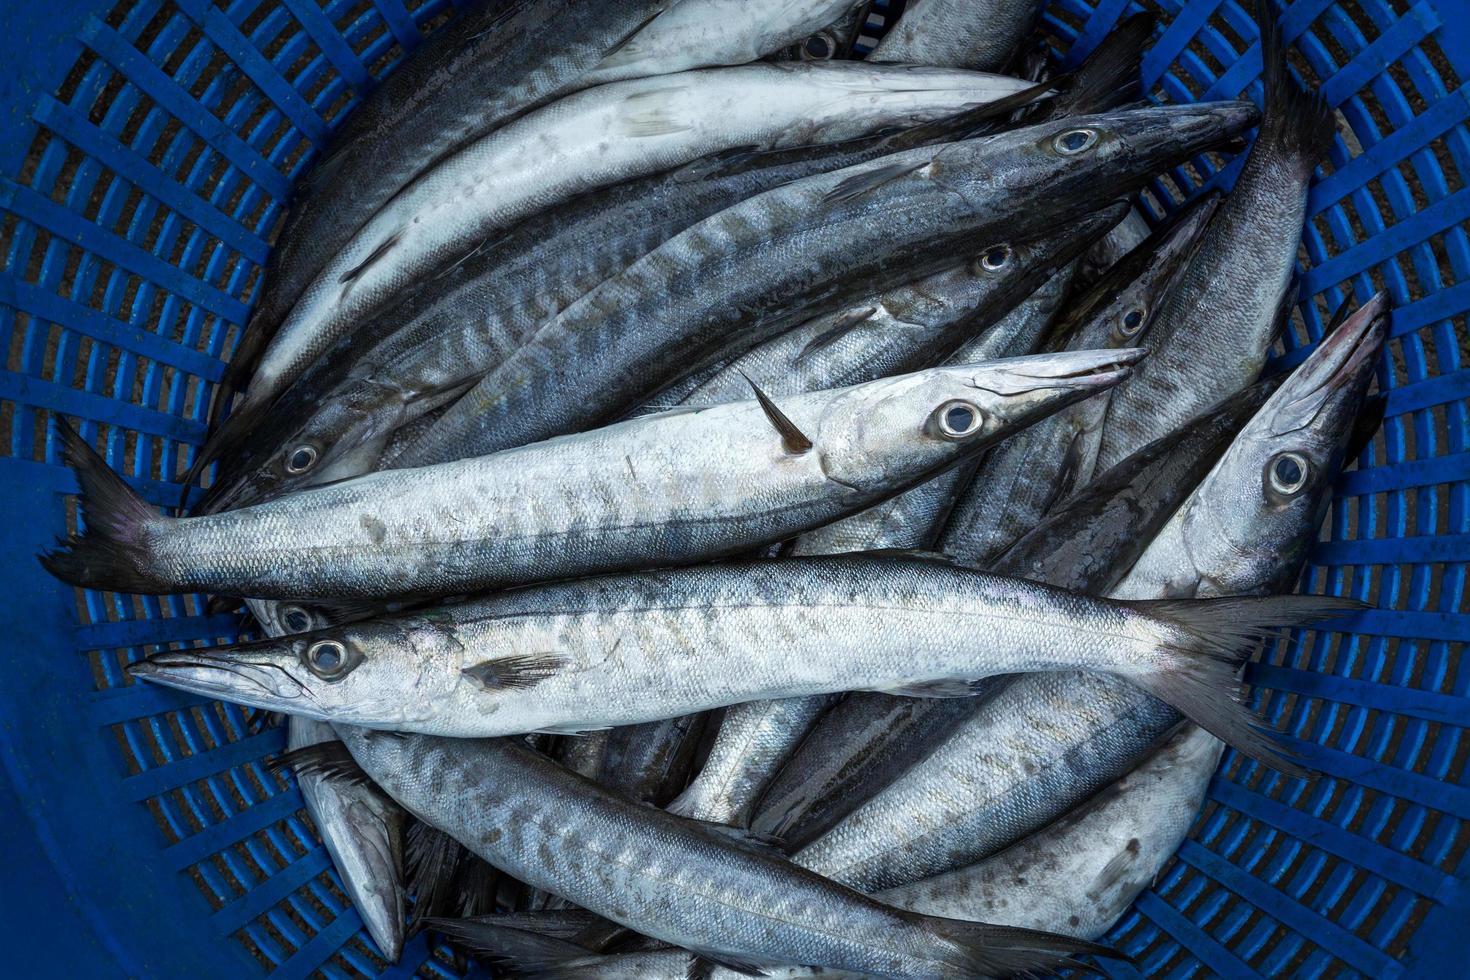 pescado de mar fresco vendido en el mercado. foto